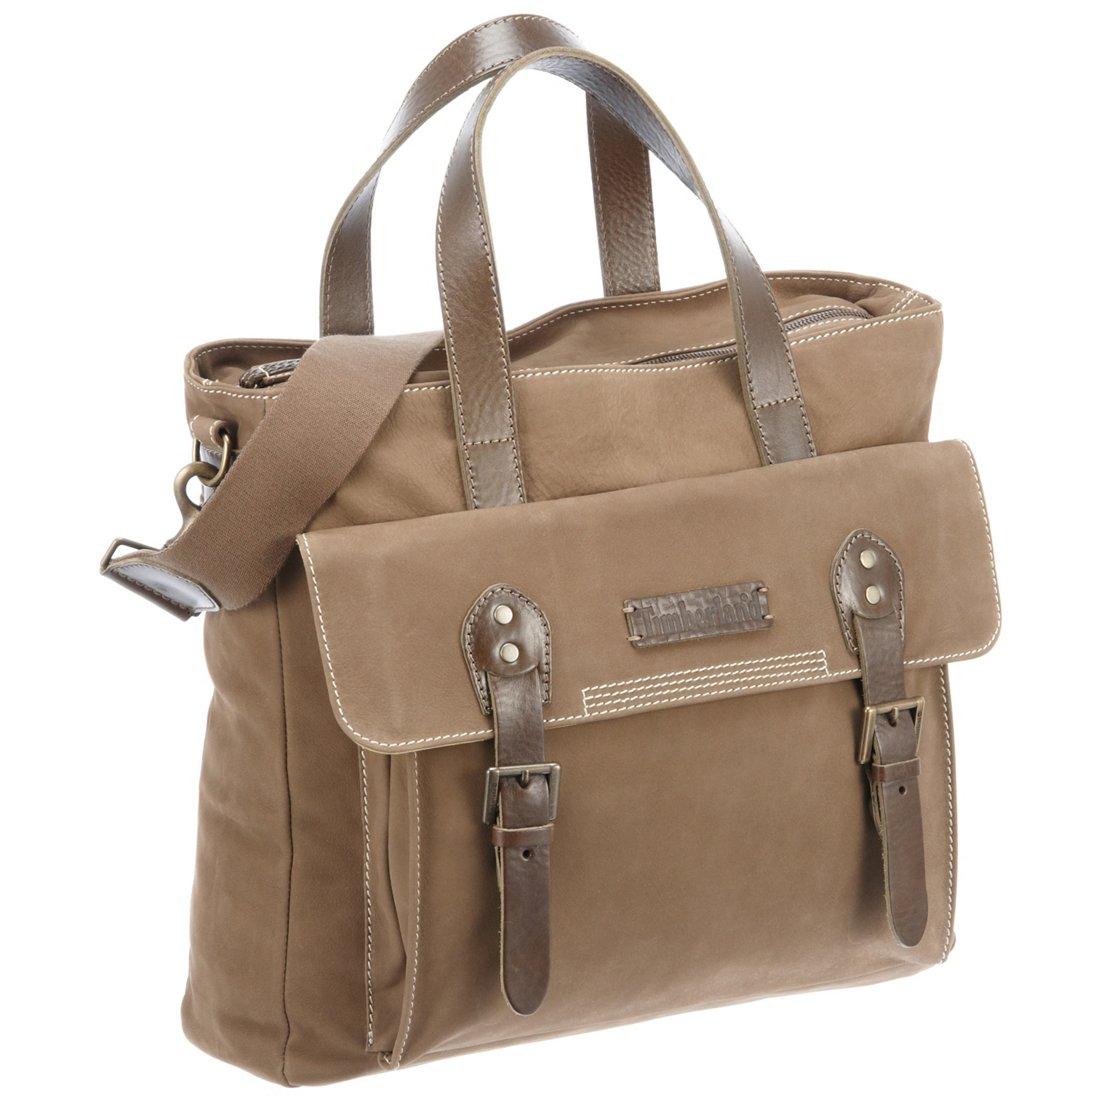 2aa4054273a2e Timberland New Rain Earthkeepers Tote Bag Umhängetasche 40 cm - flint -  koffer-direkt.de